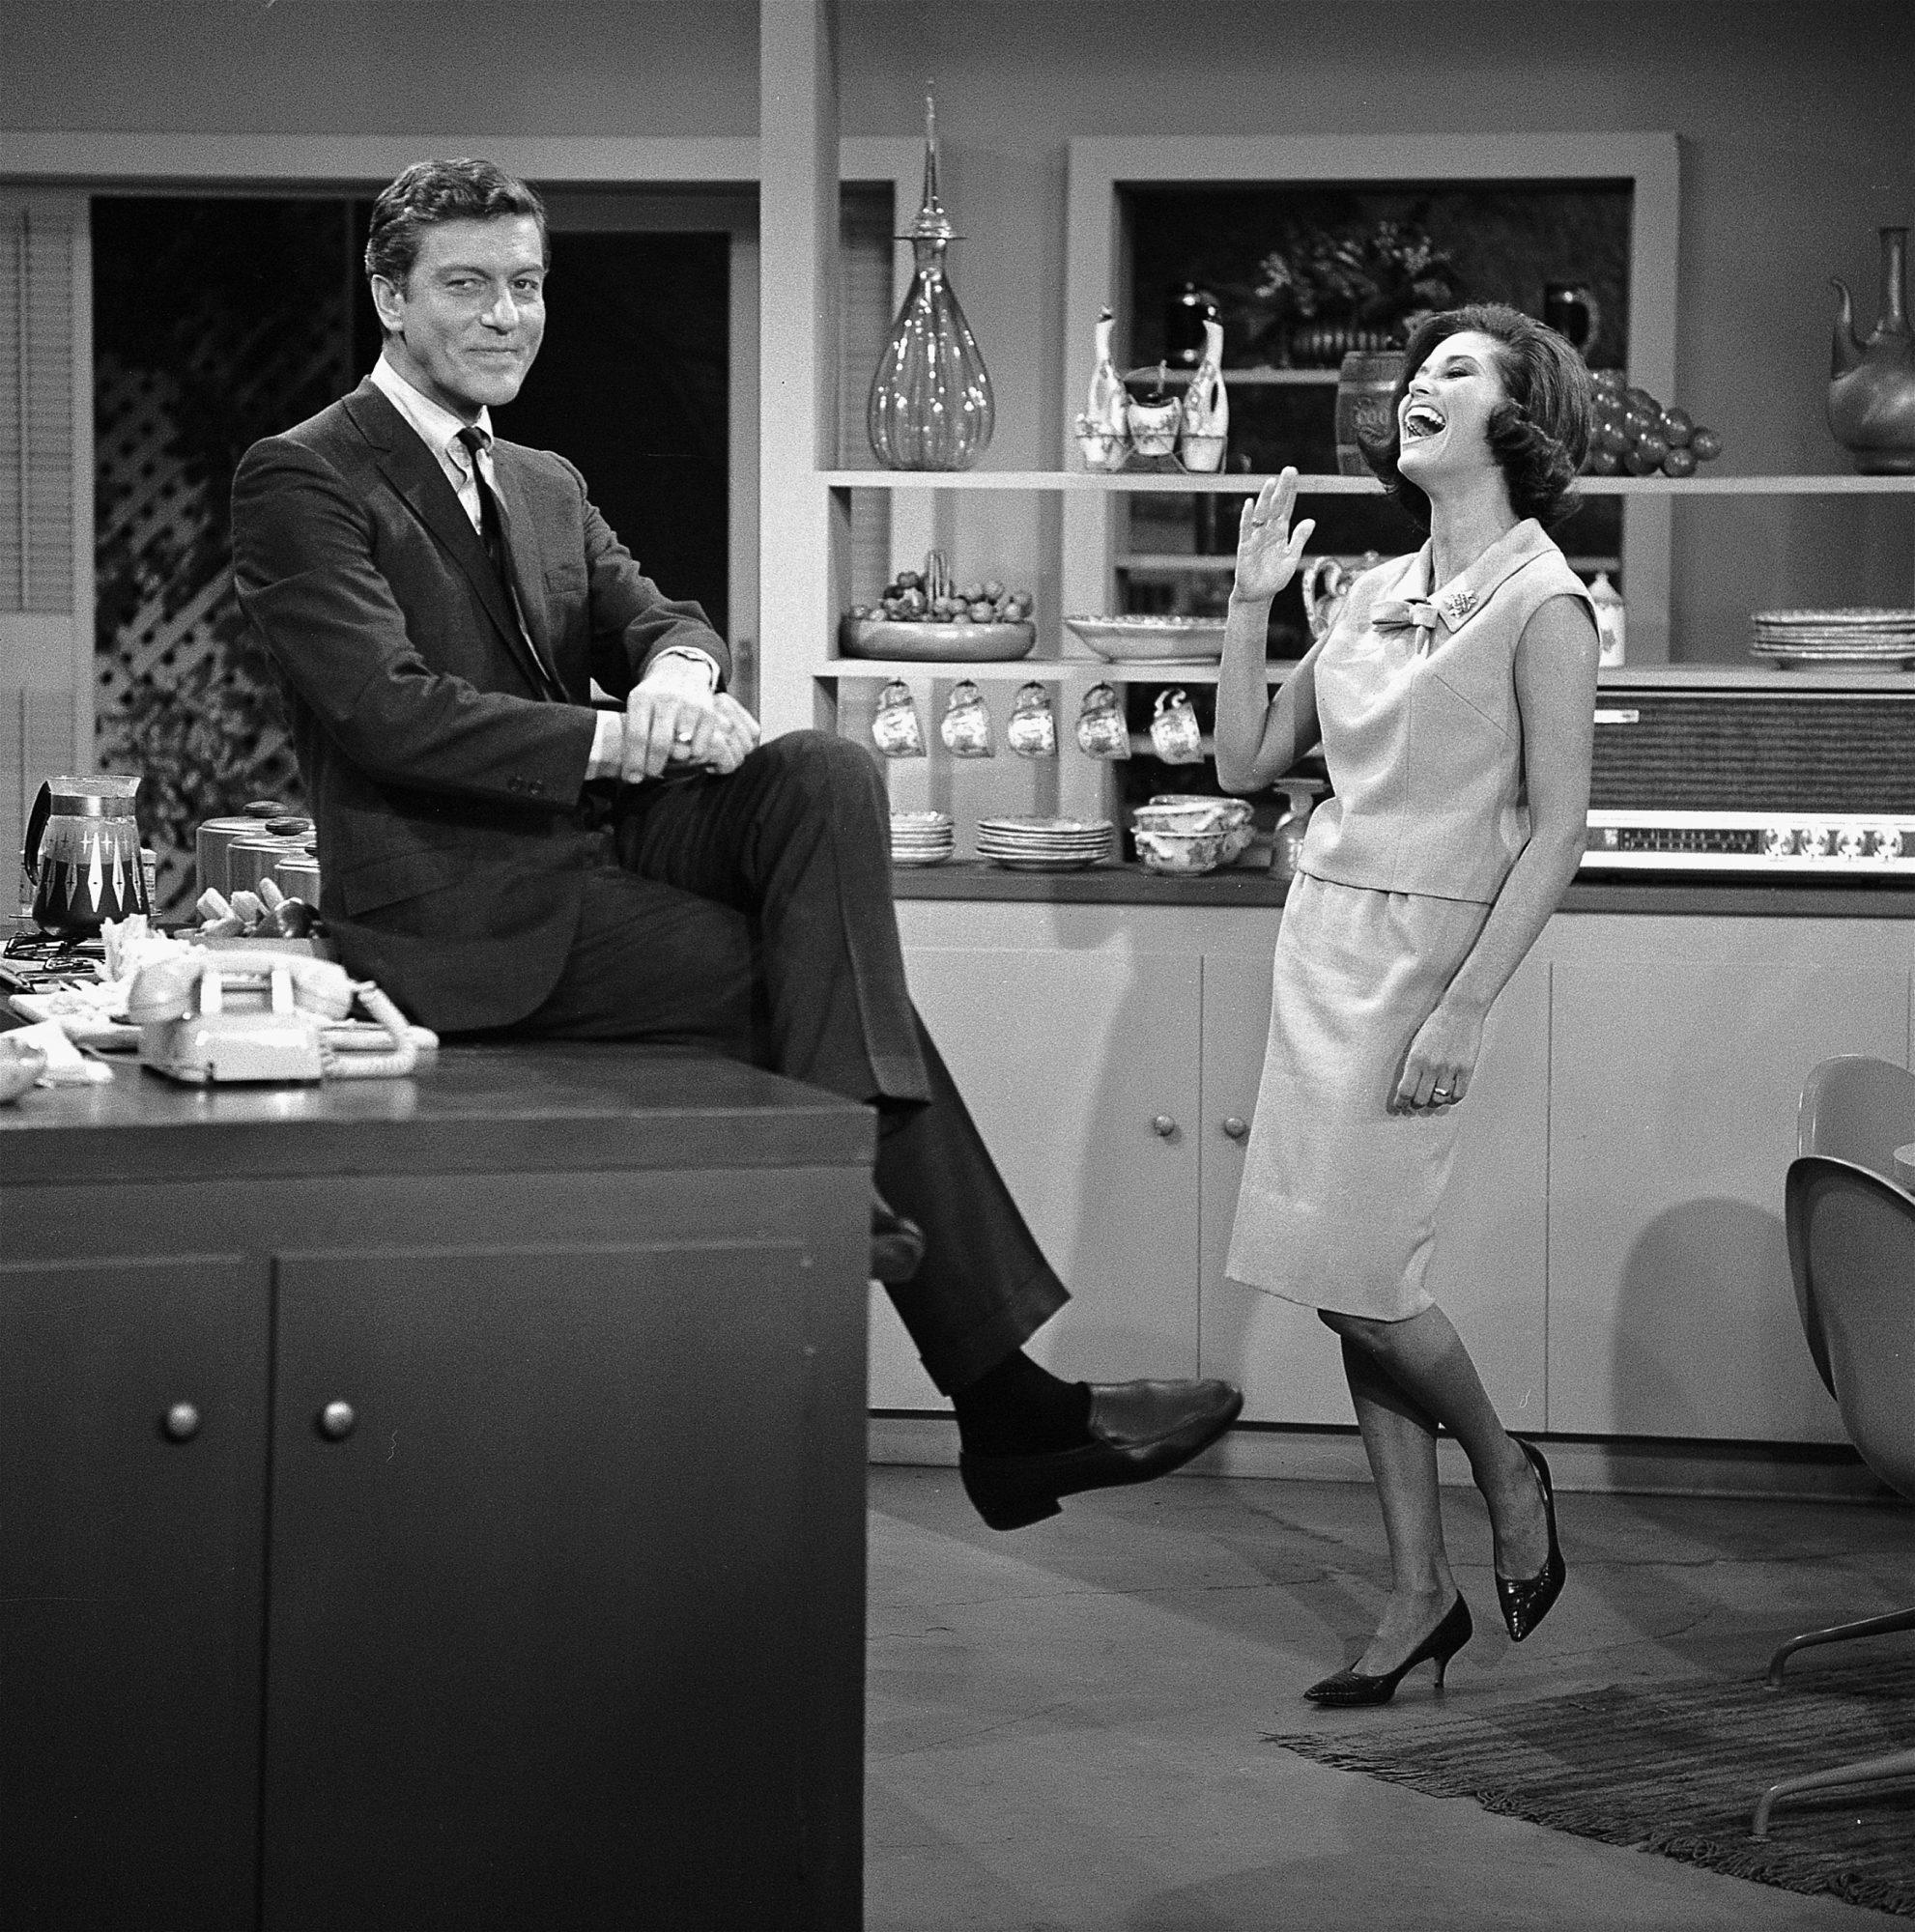 Van Dyke & Moore On 'The Dick Van Dyke Show'